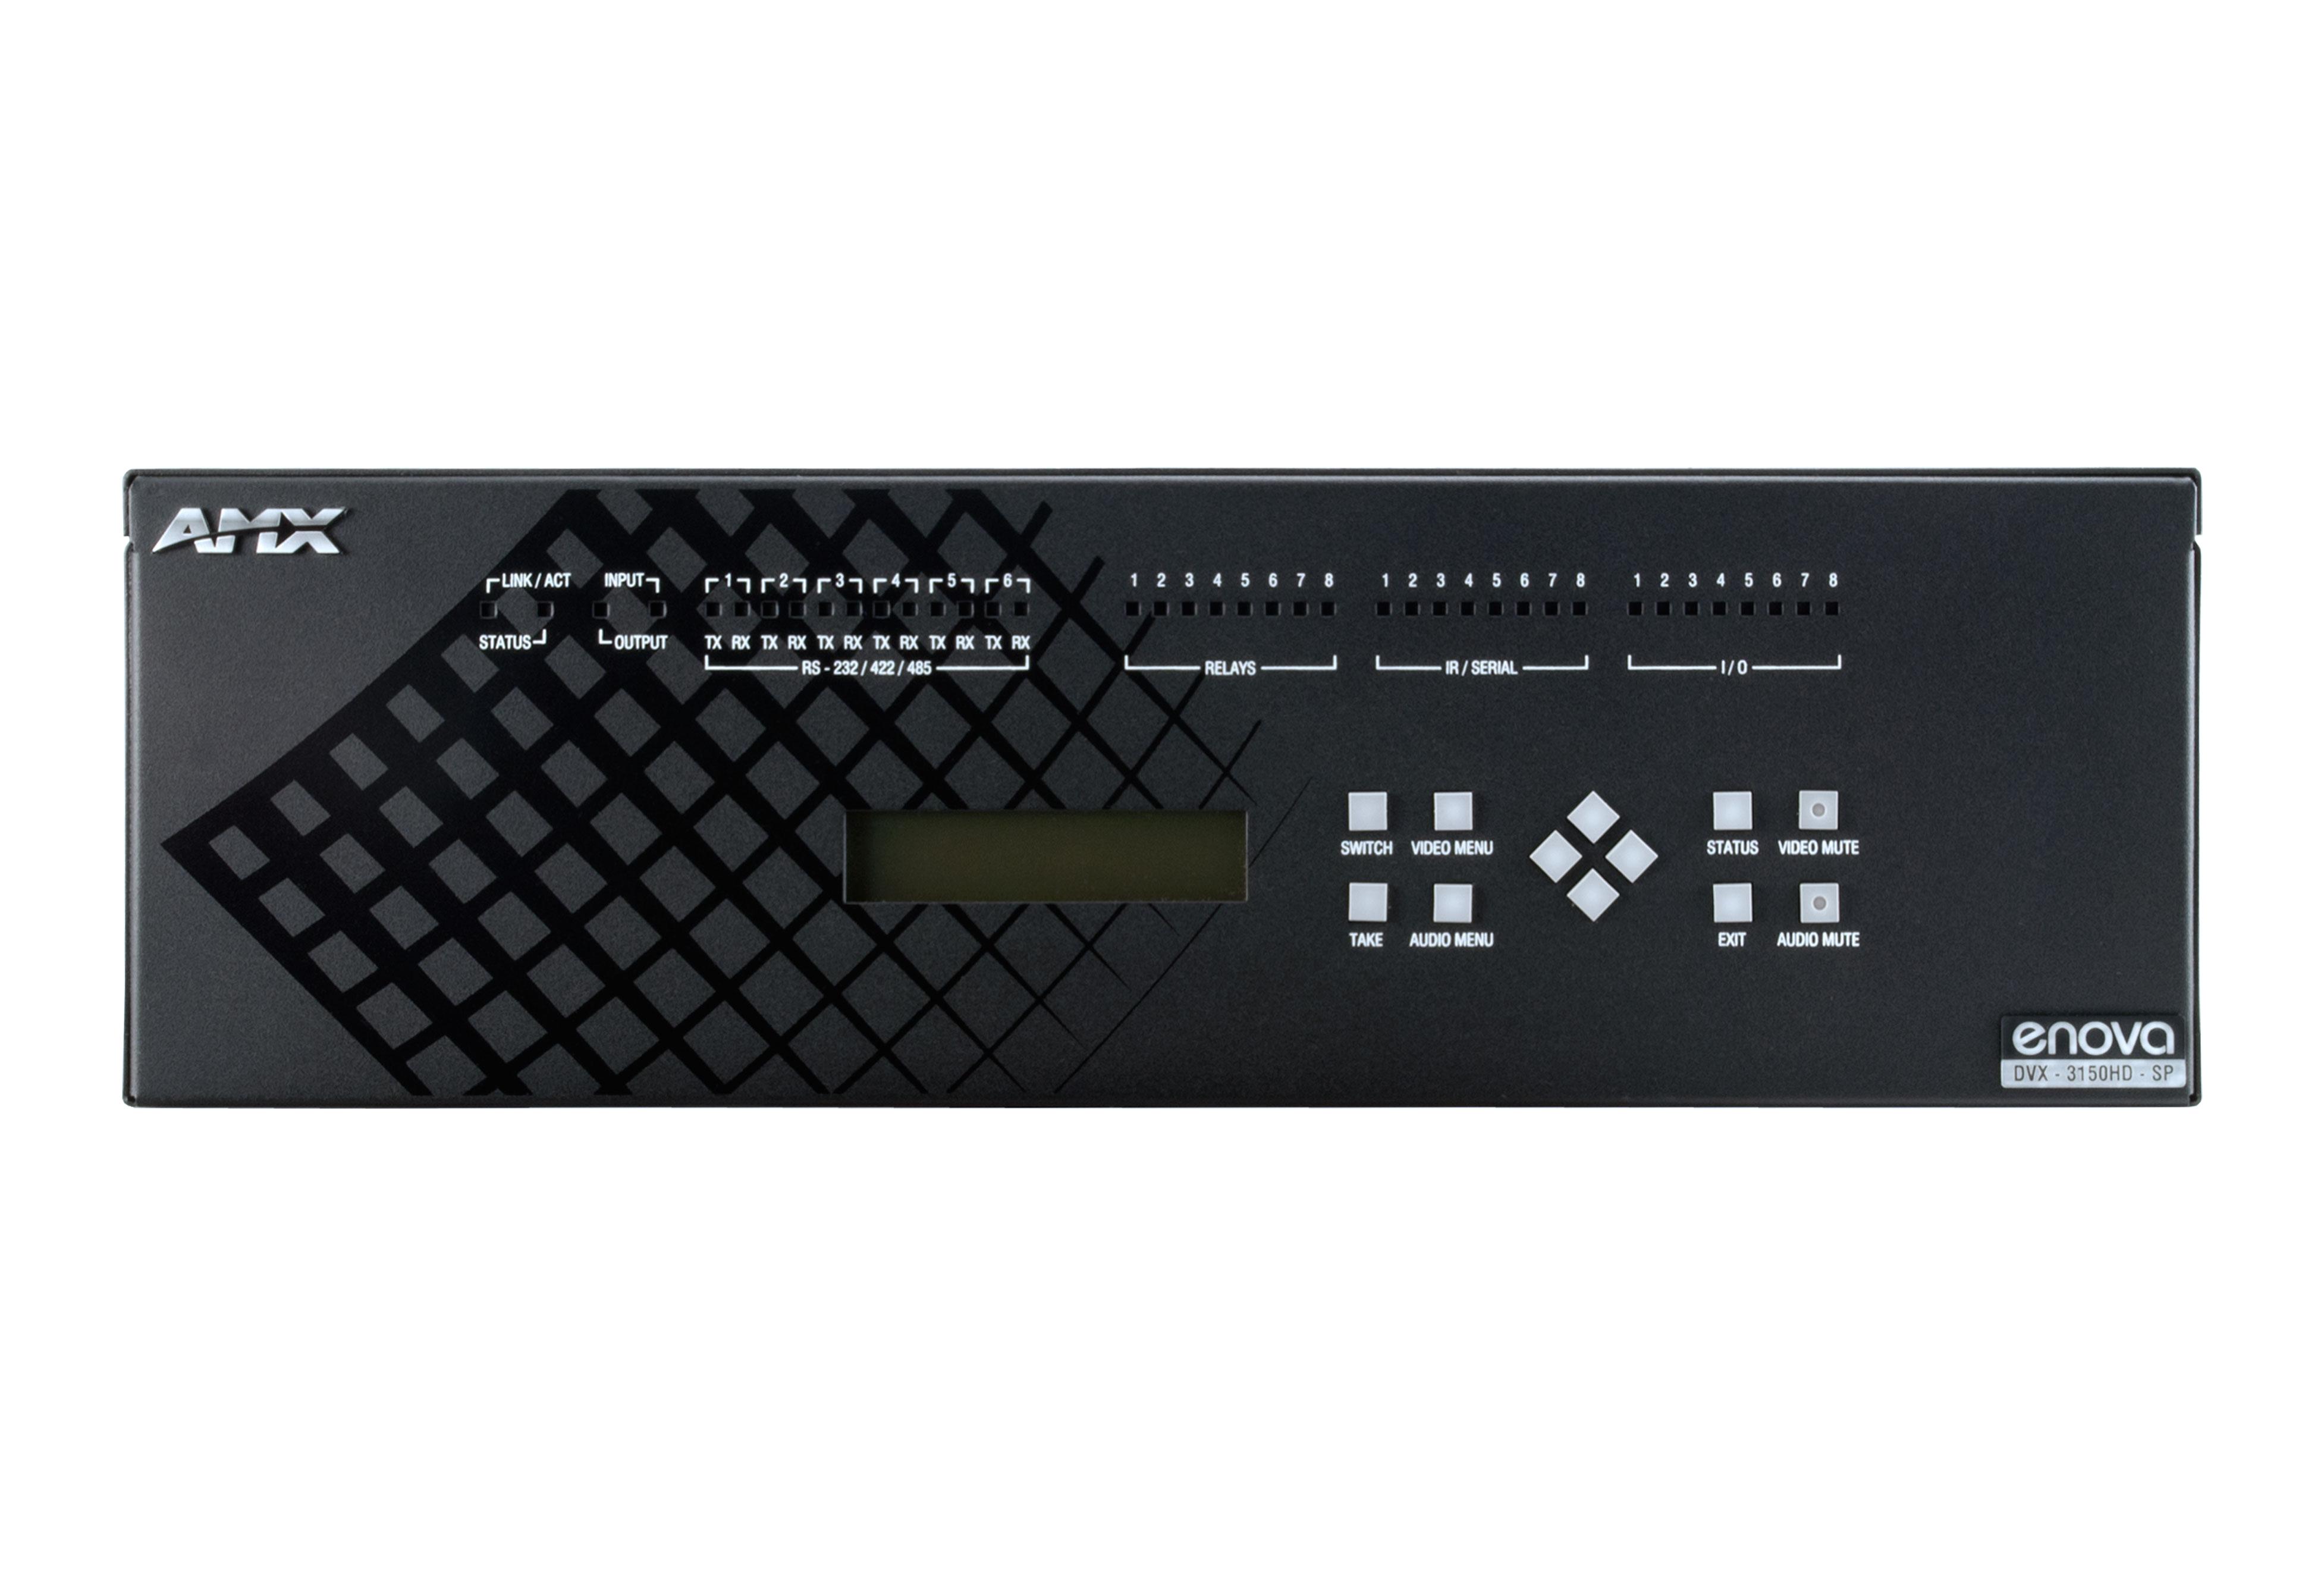 DVX-3150HD-SP - Front